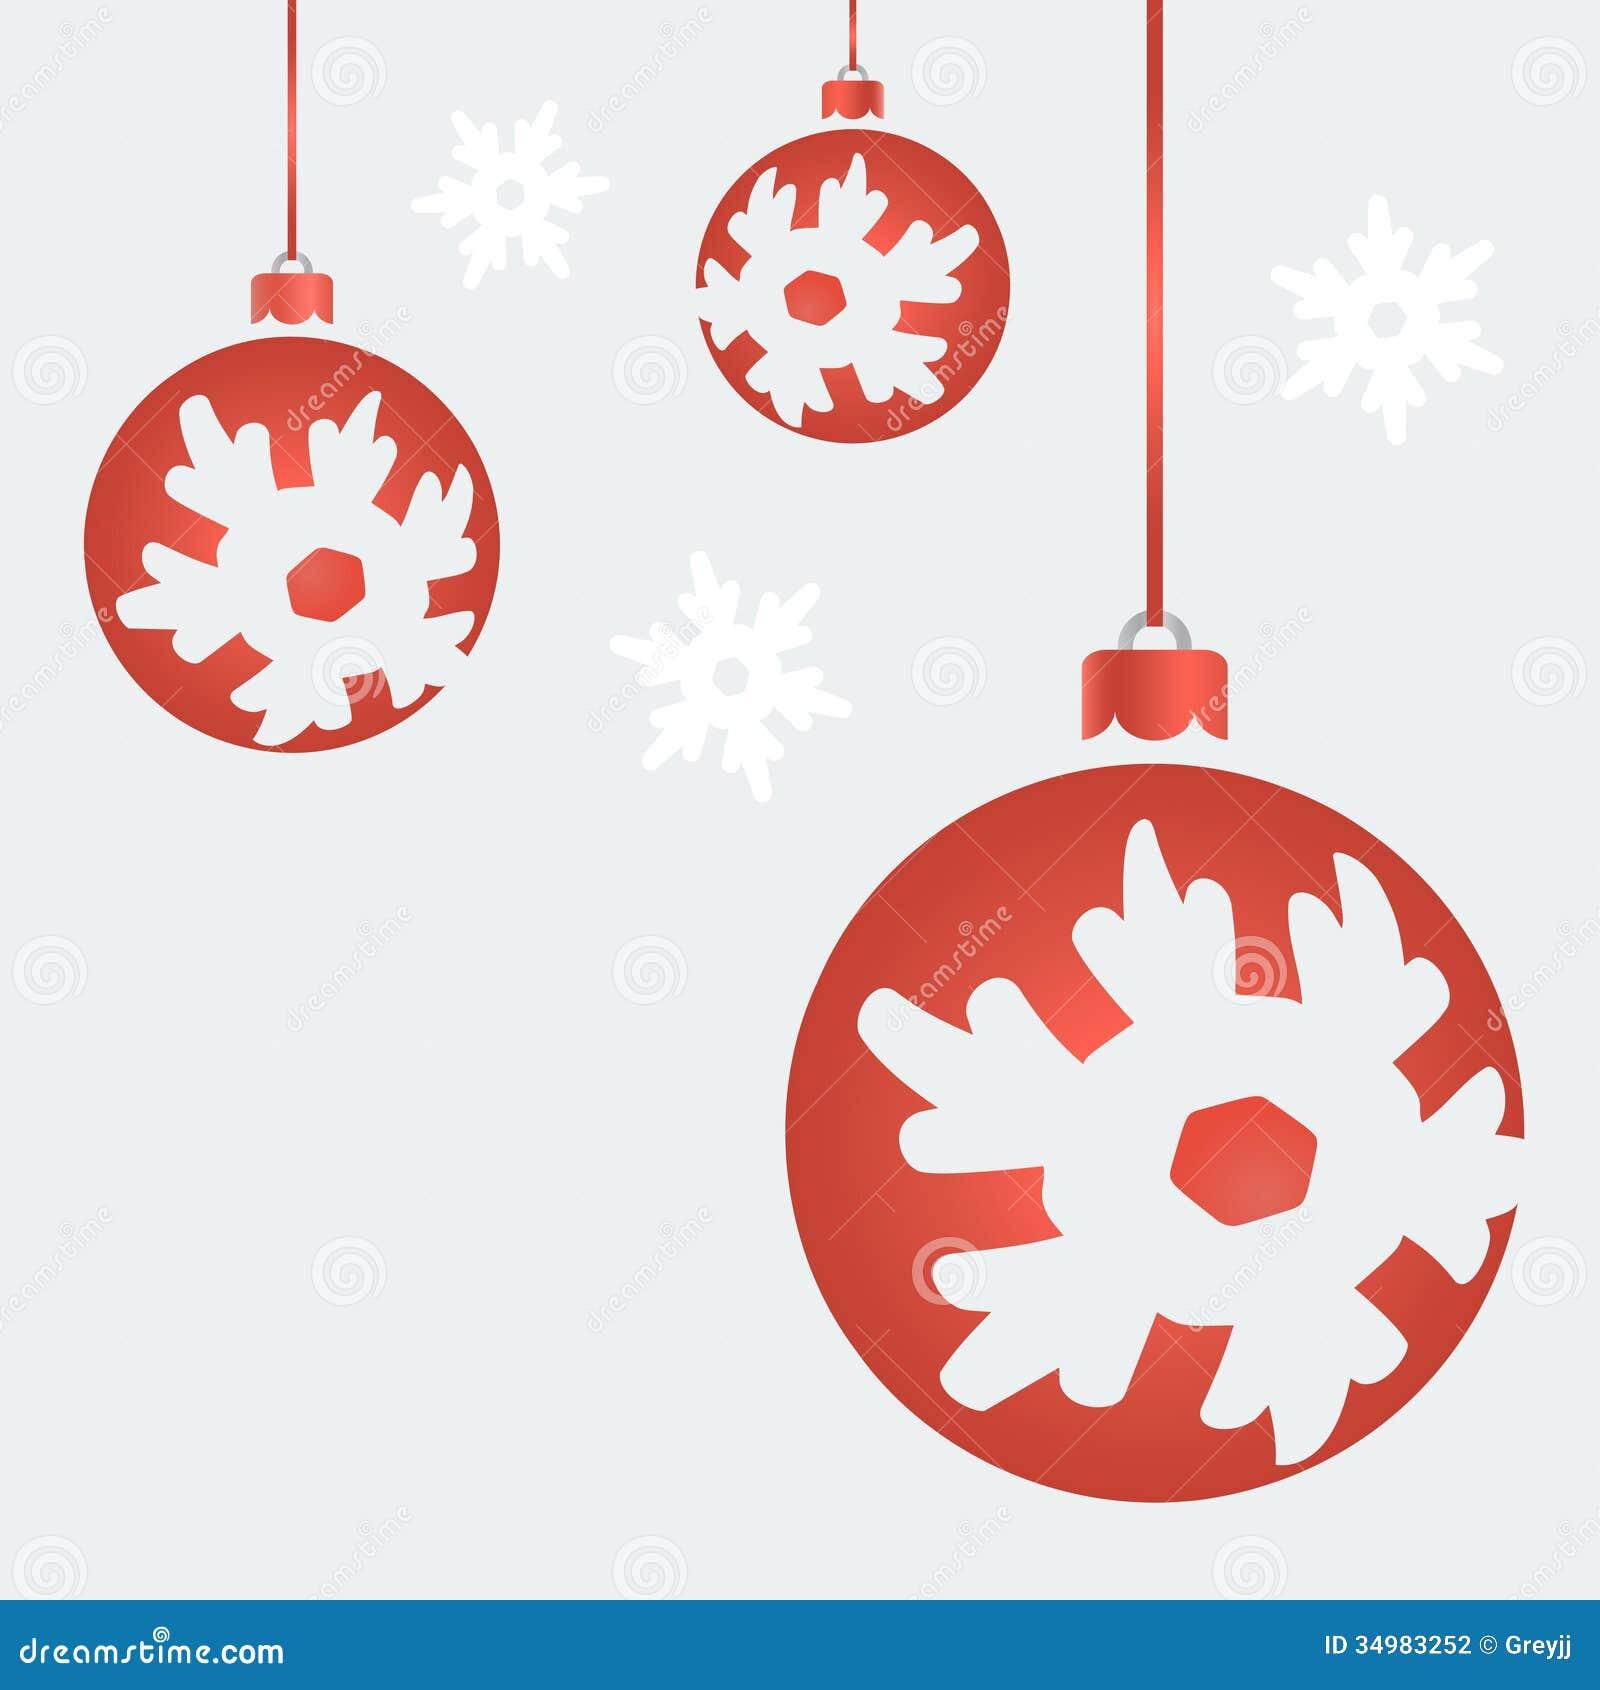 feliz navidad images clip art